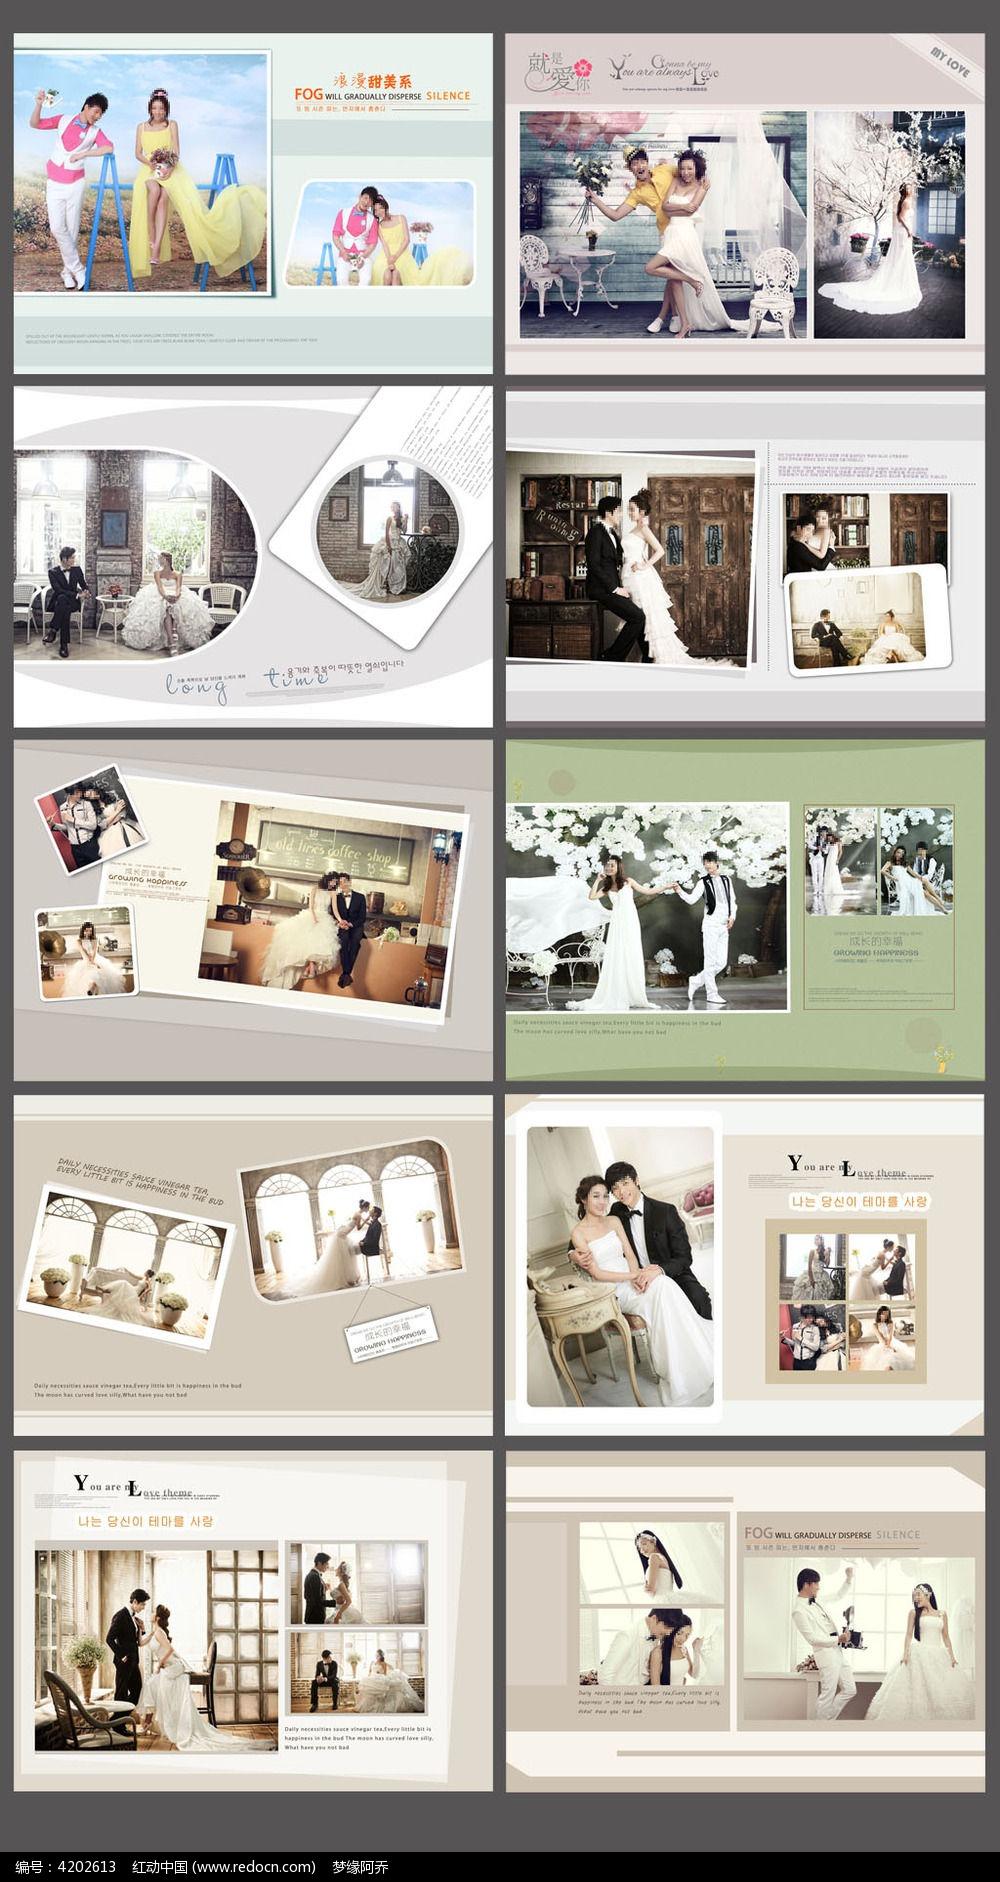 婚纱写真相册模板PSD素材图片